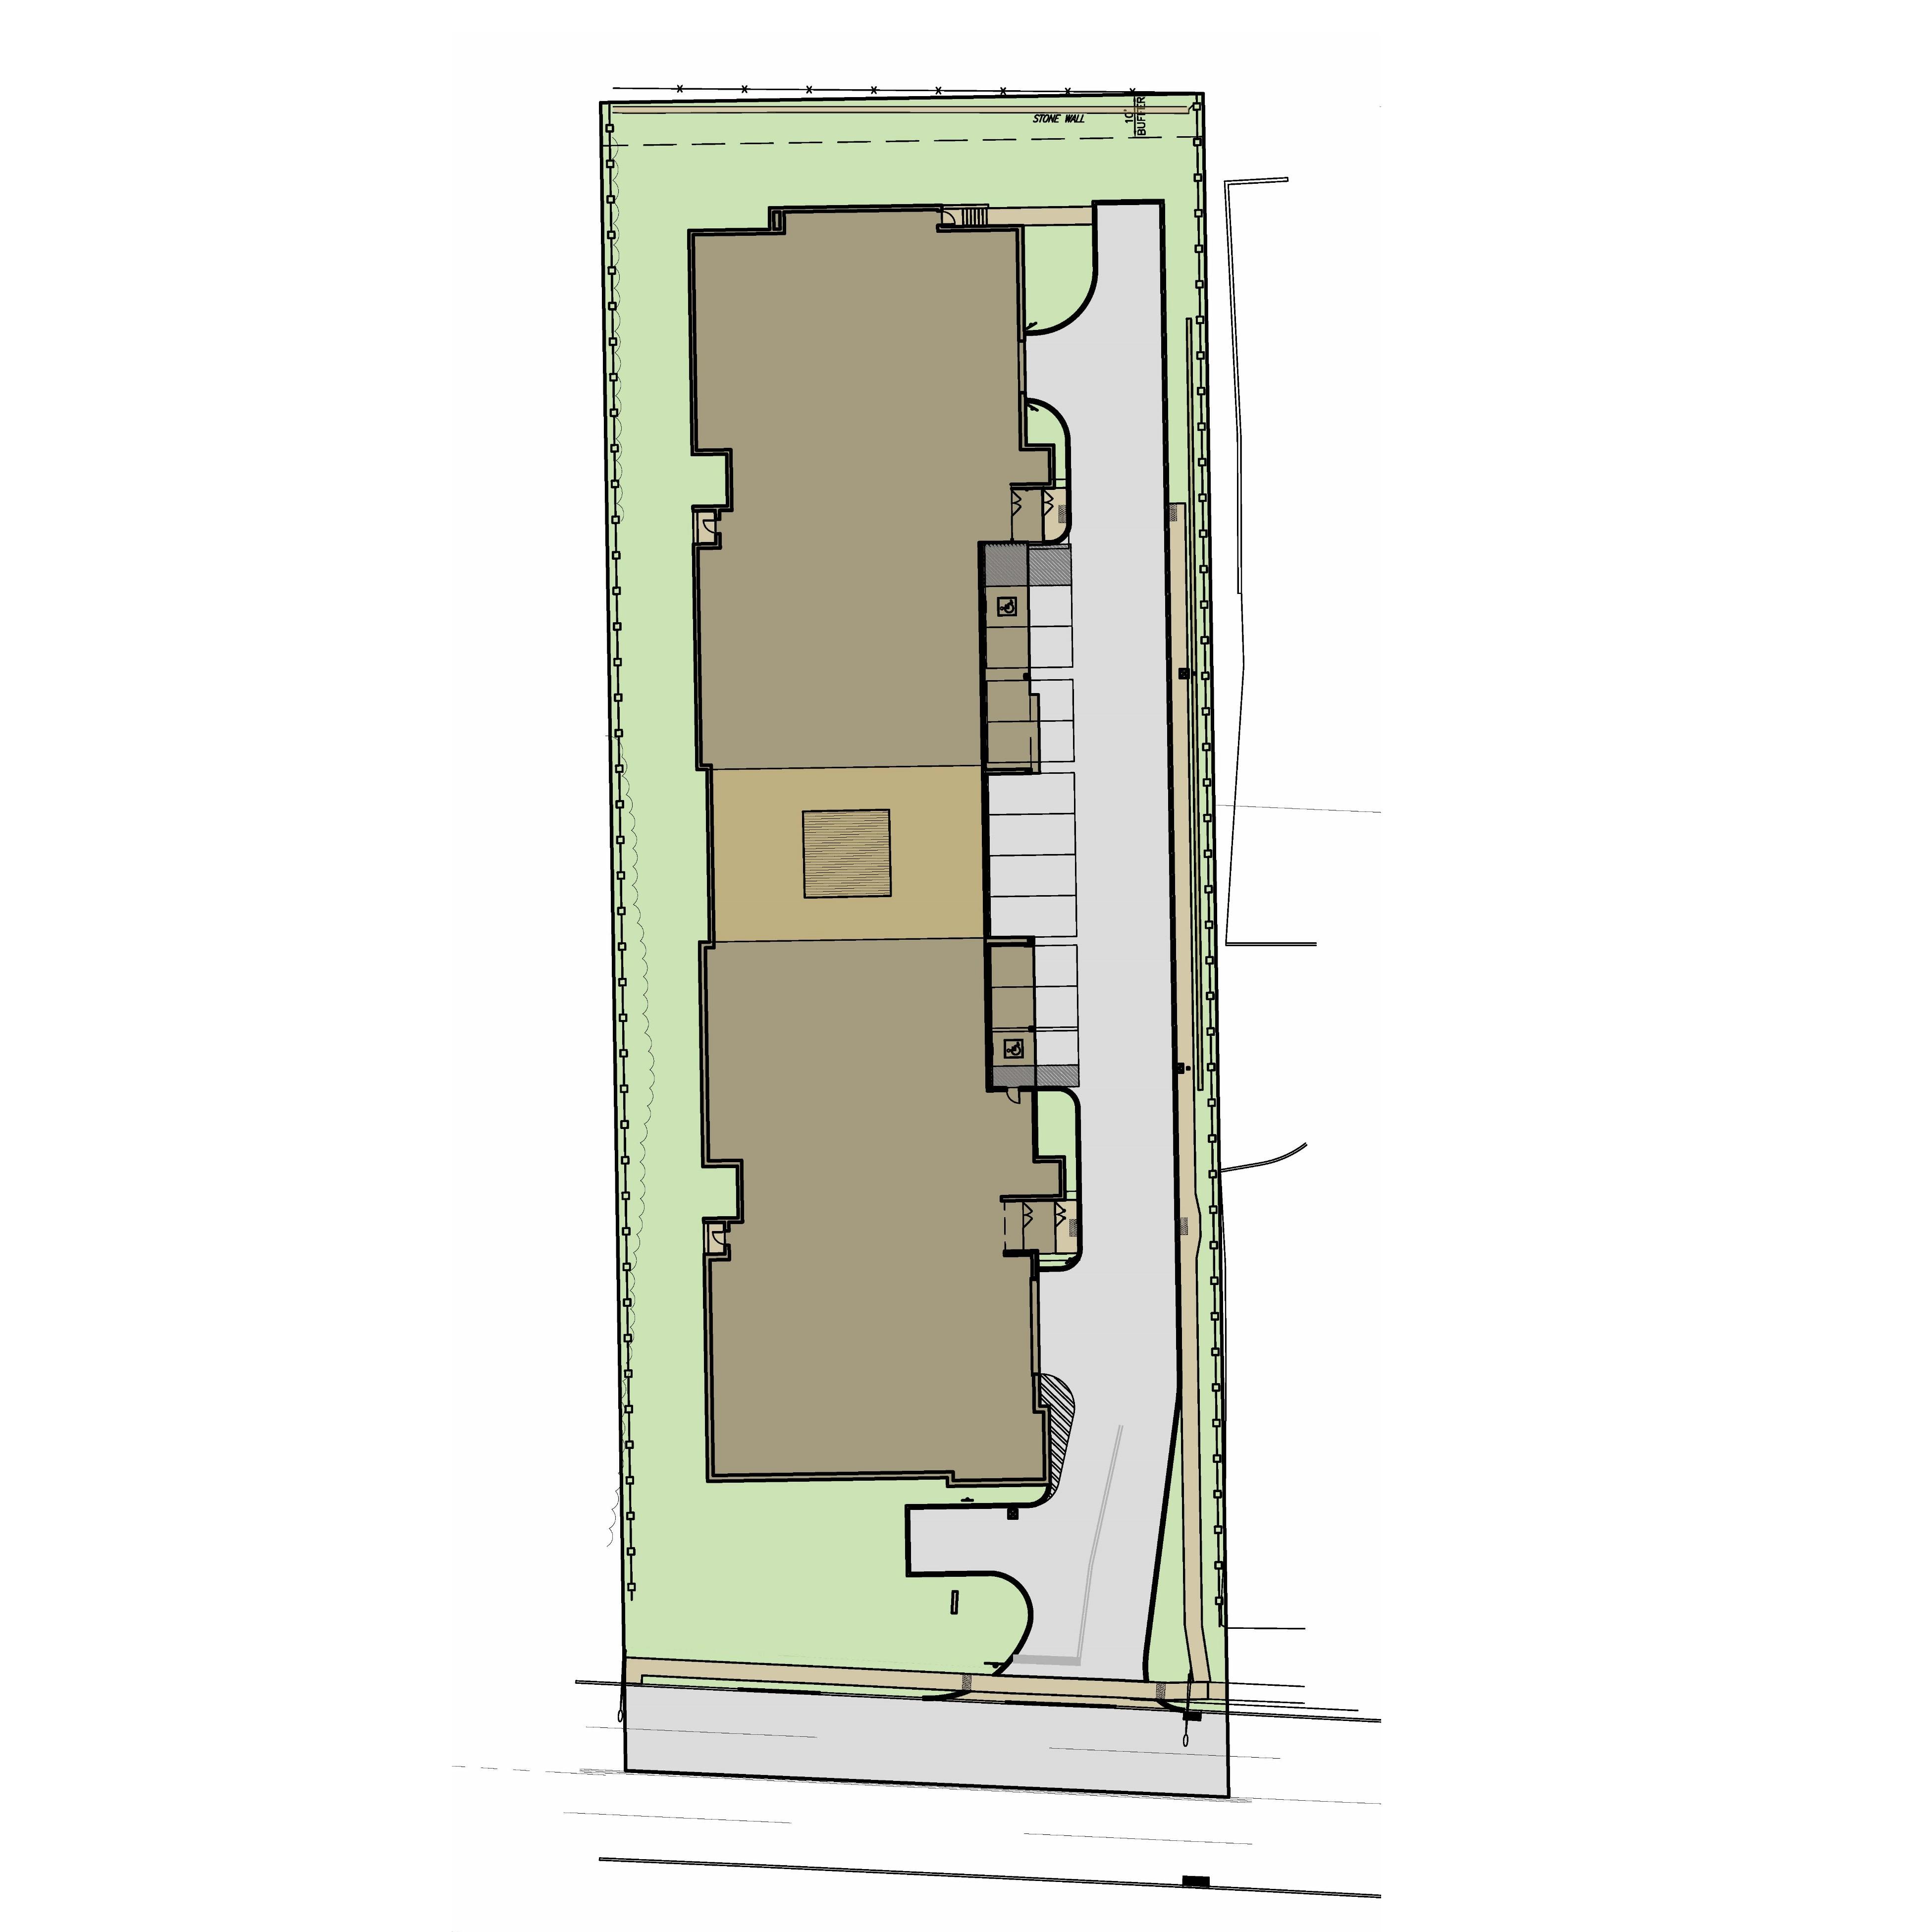 Multi-Family Residential Development